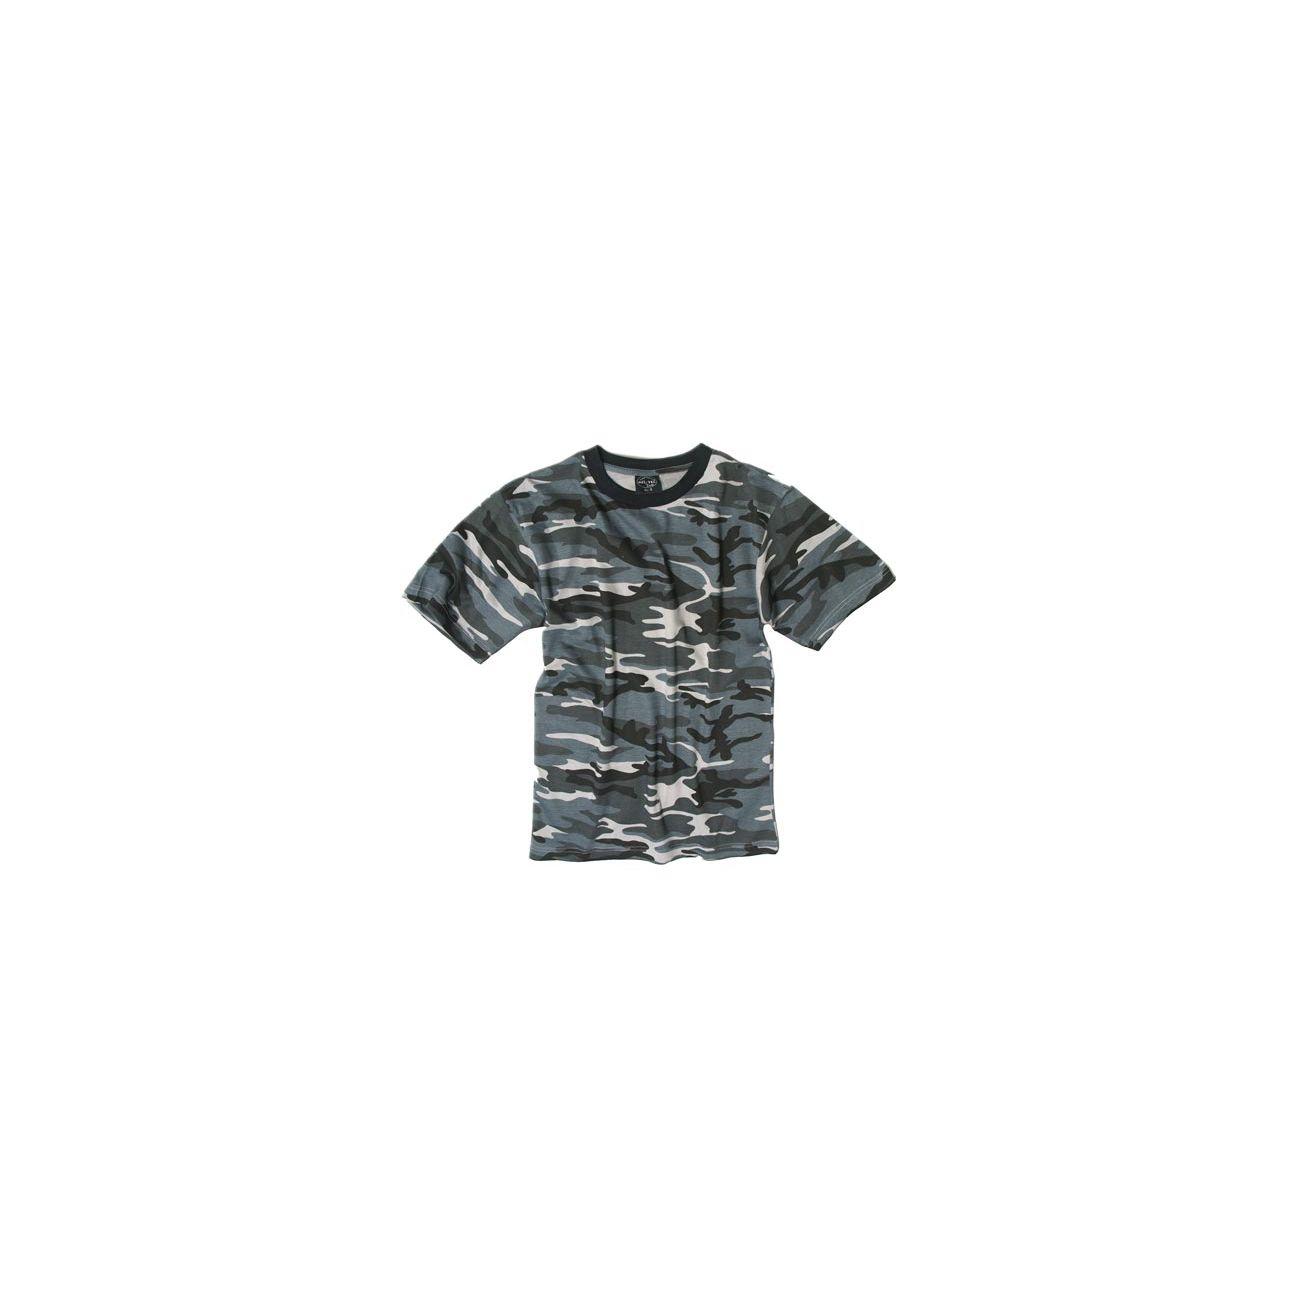 c2a3a12ab01047 T-Shirt Tarnshirt dark camo günstig kaufen - Kotte & Zeller